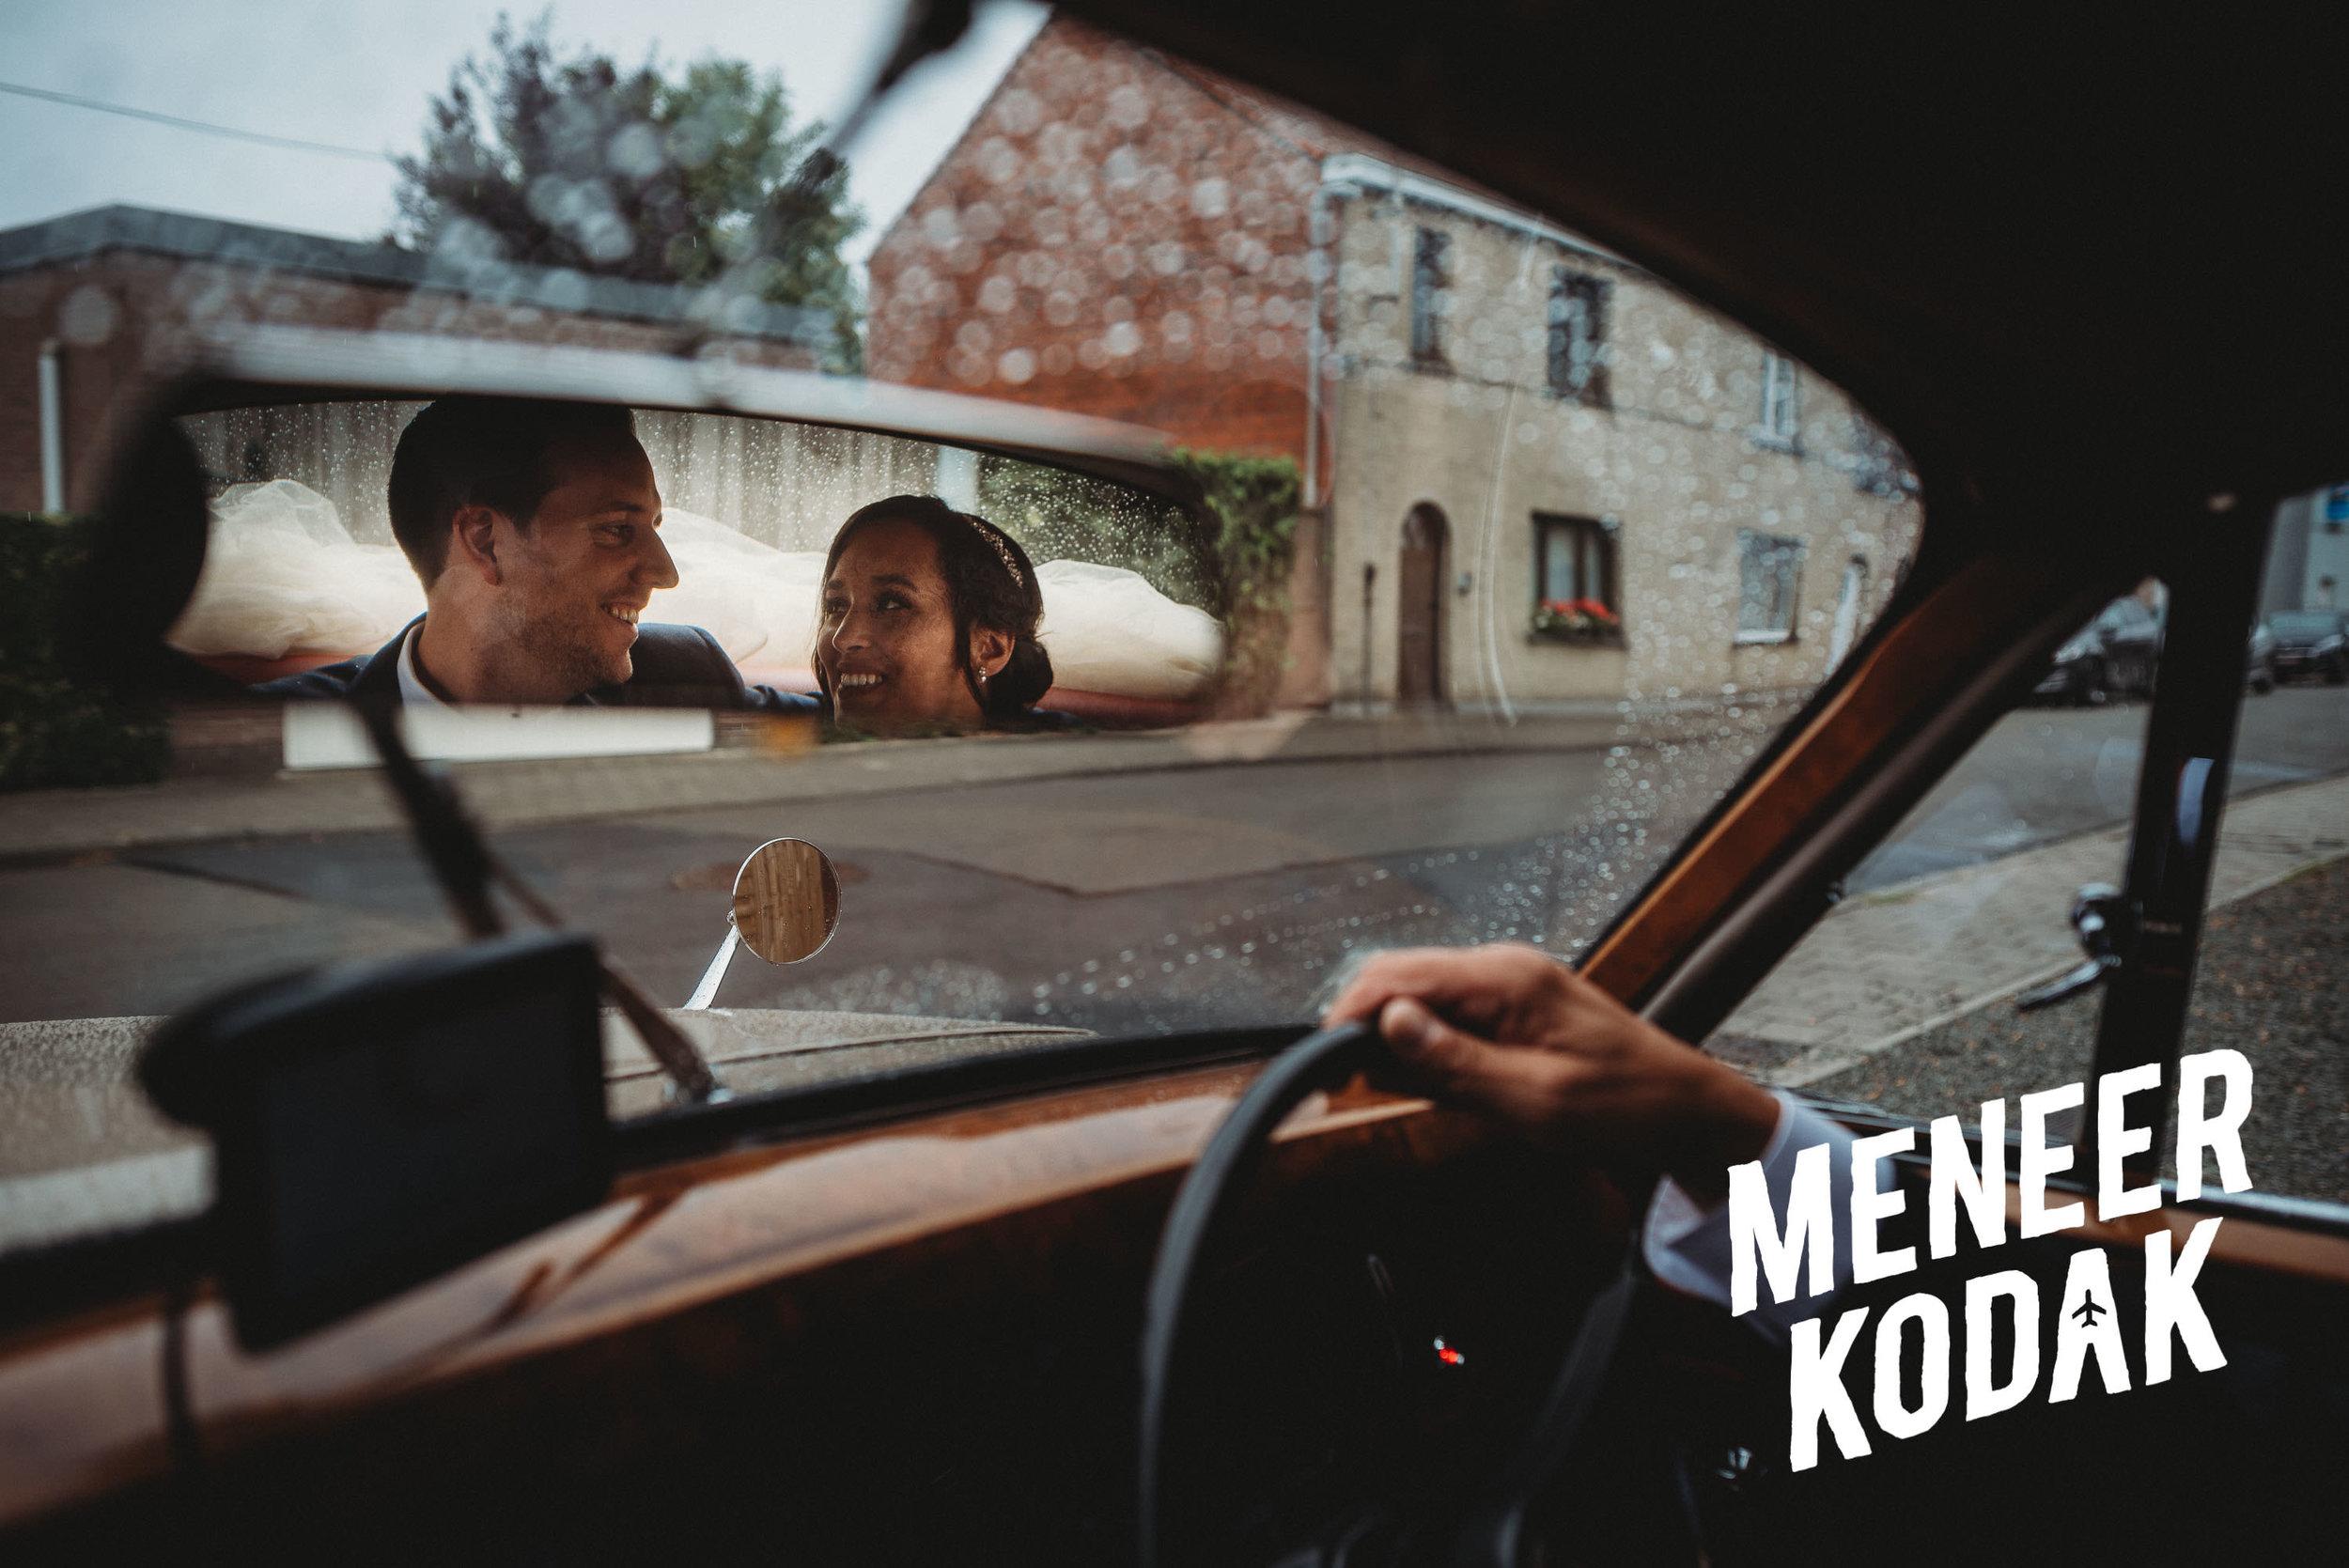 Meneer Kodak - Trouwfotograaf - Gent - D&T-052.jpg